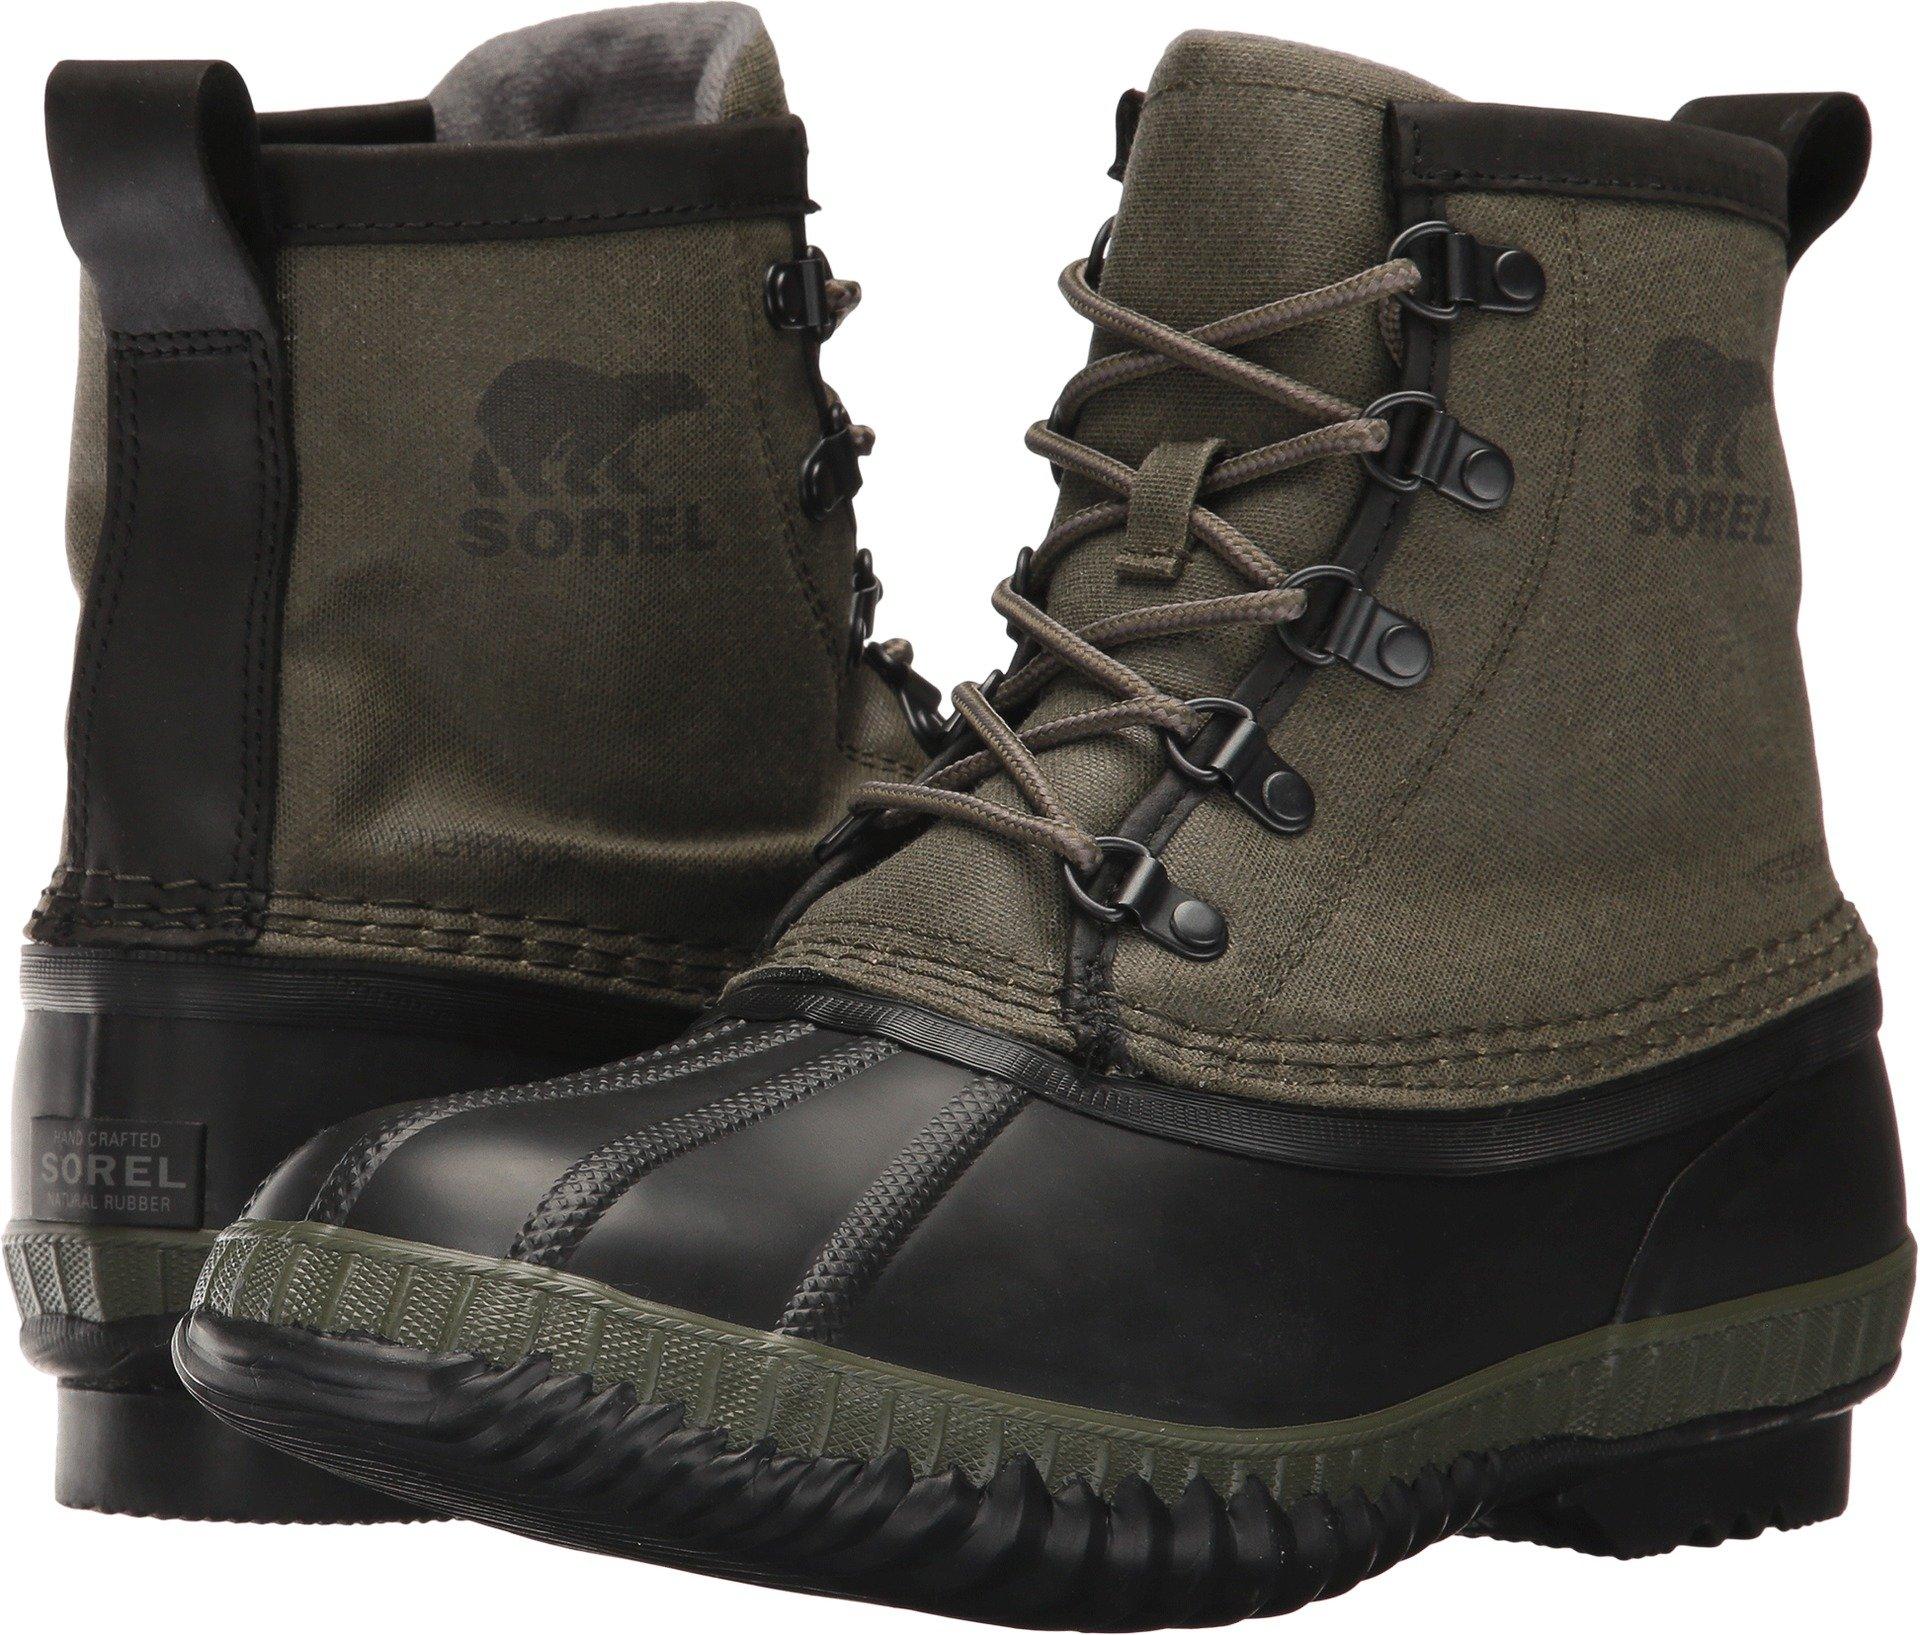 SOREL - Men's Cheyanne Ii Short CVS Shell Boot, Size: 10 D(M) US, Color: Nori/Quarry